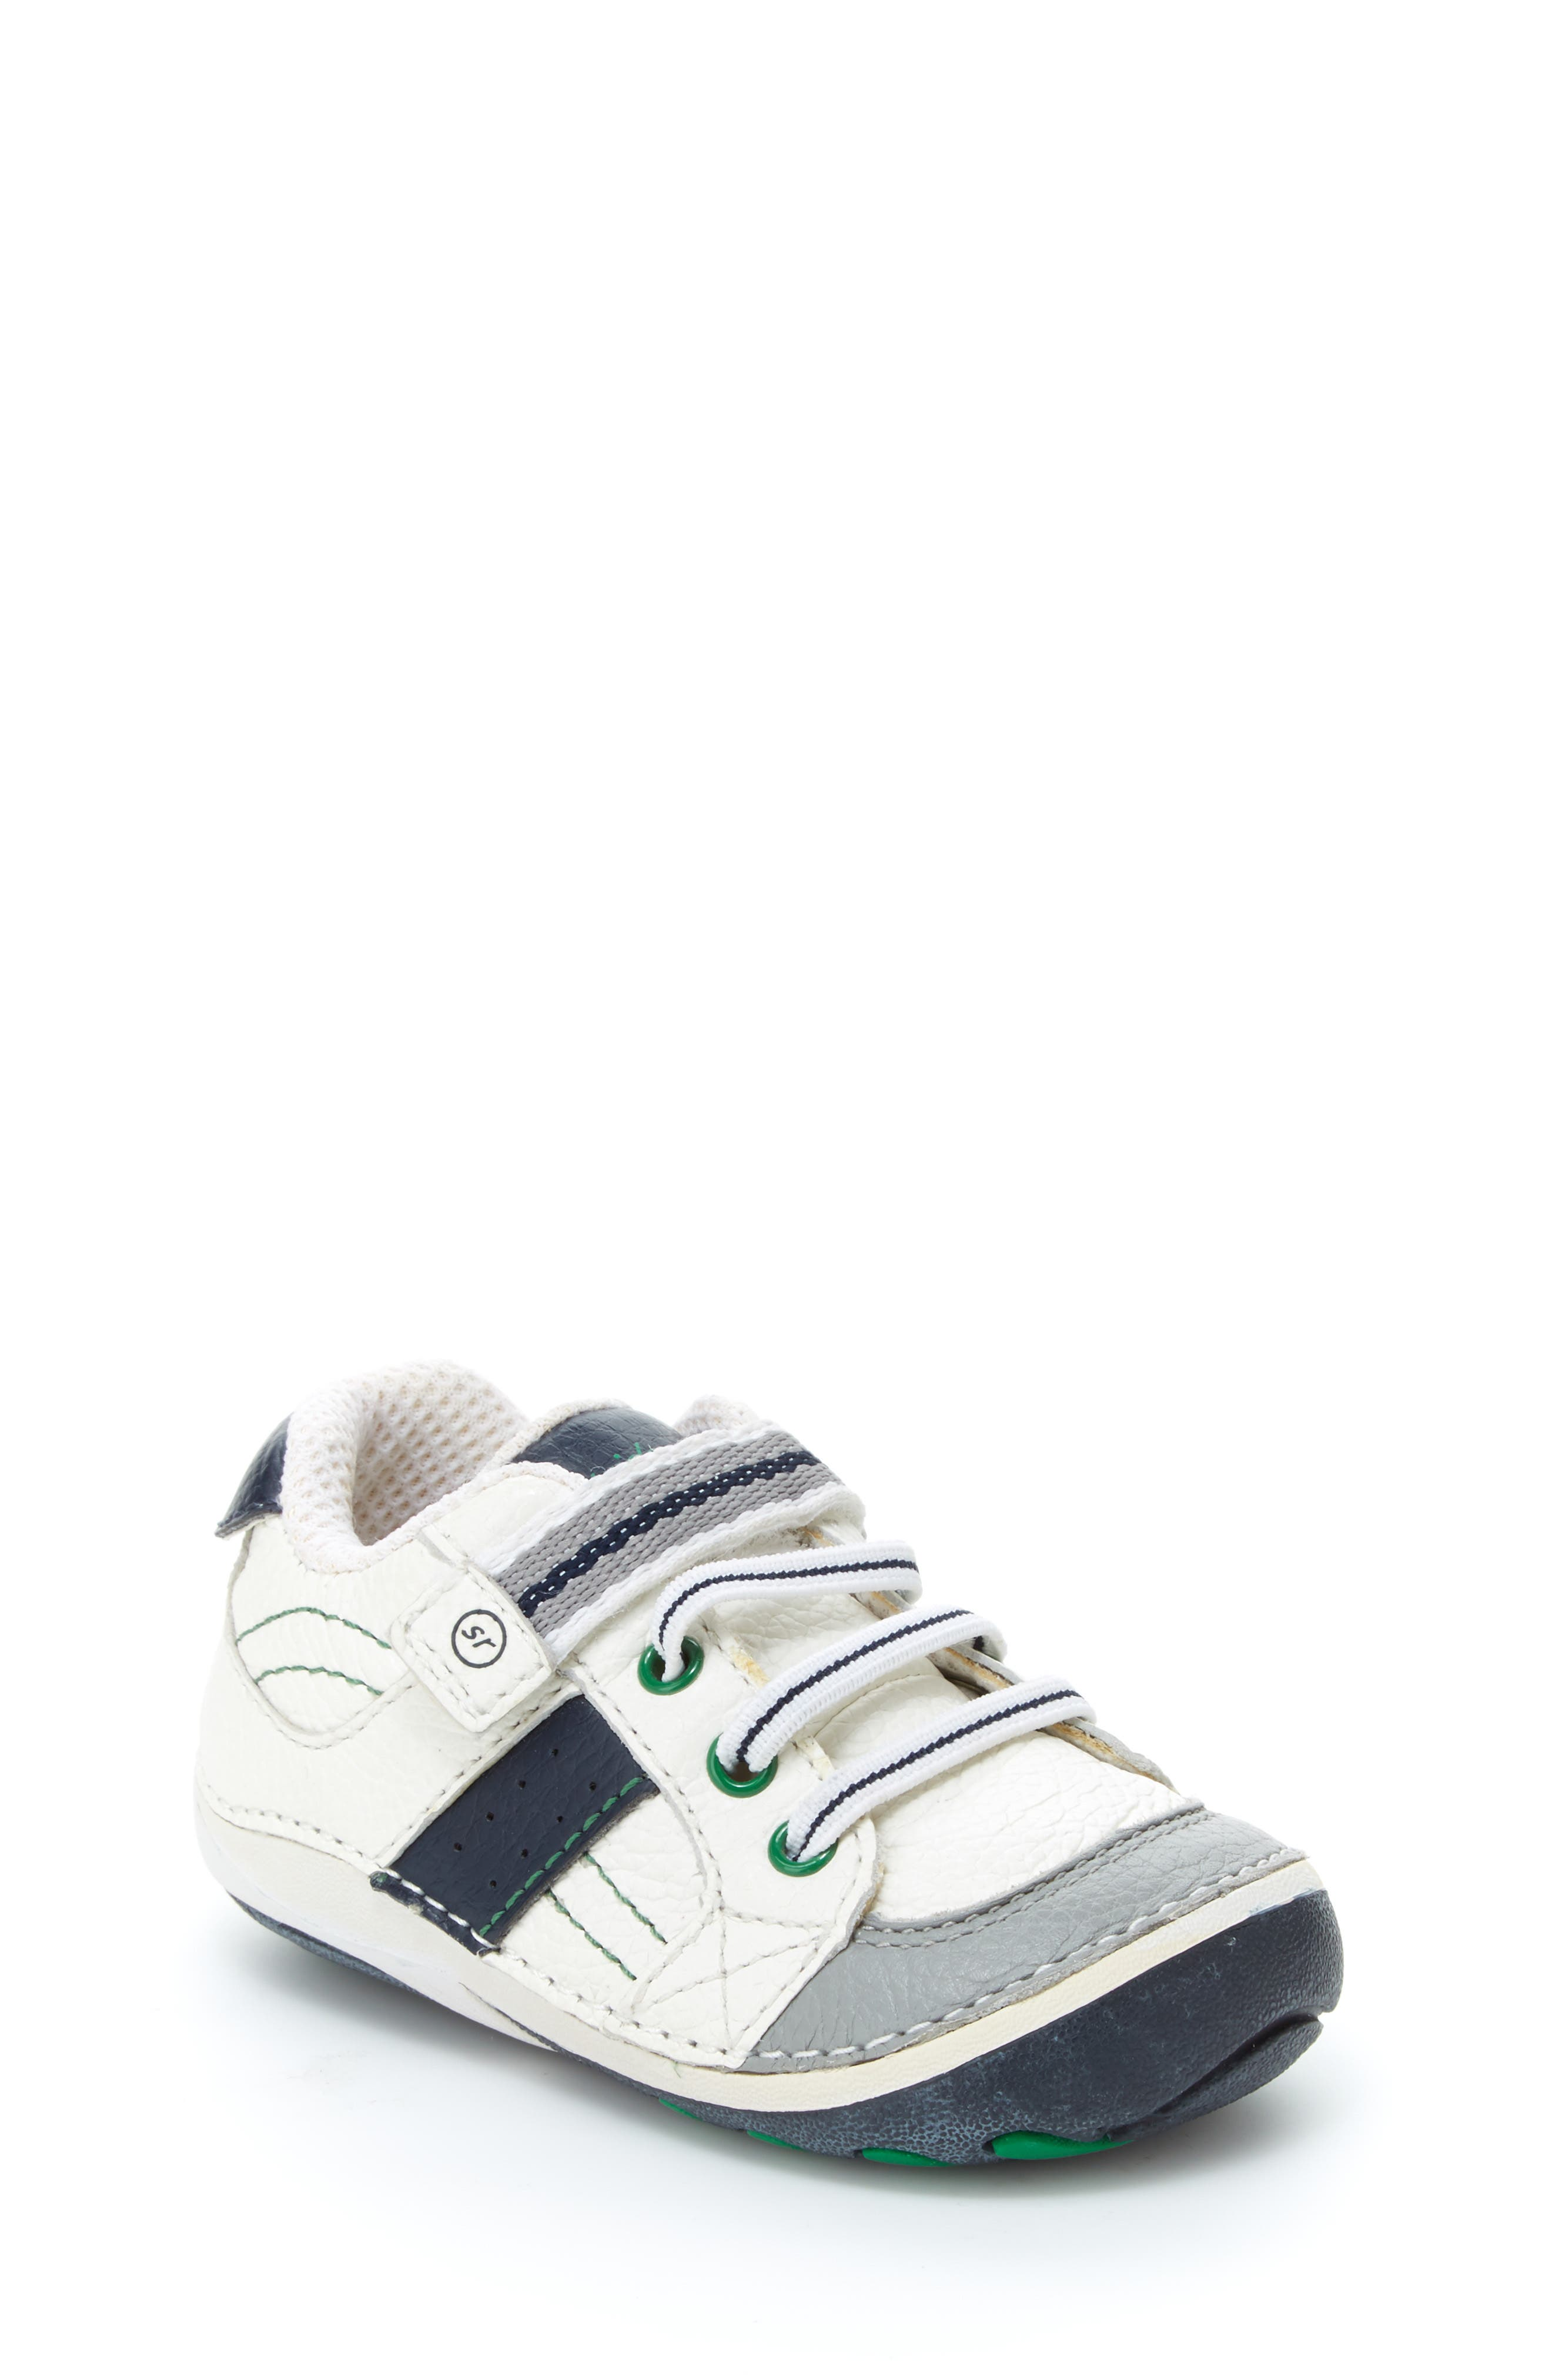 STRIDE RITE, 'Arte' Sneaker, Alternate thumbnail 2, color, WHITE/ NAVY